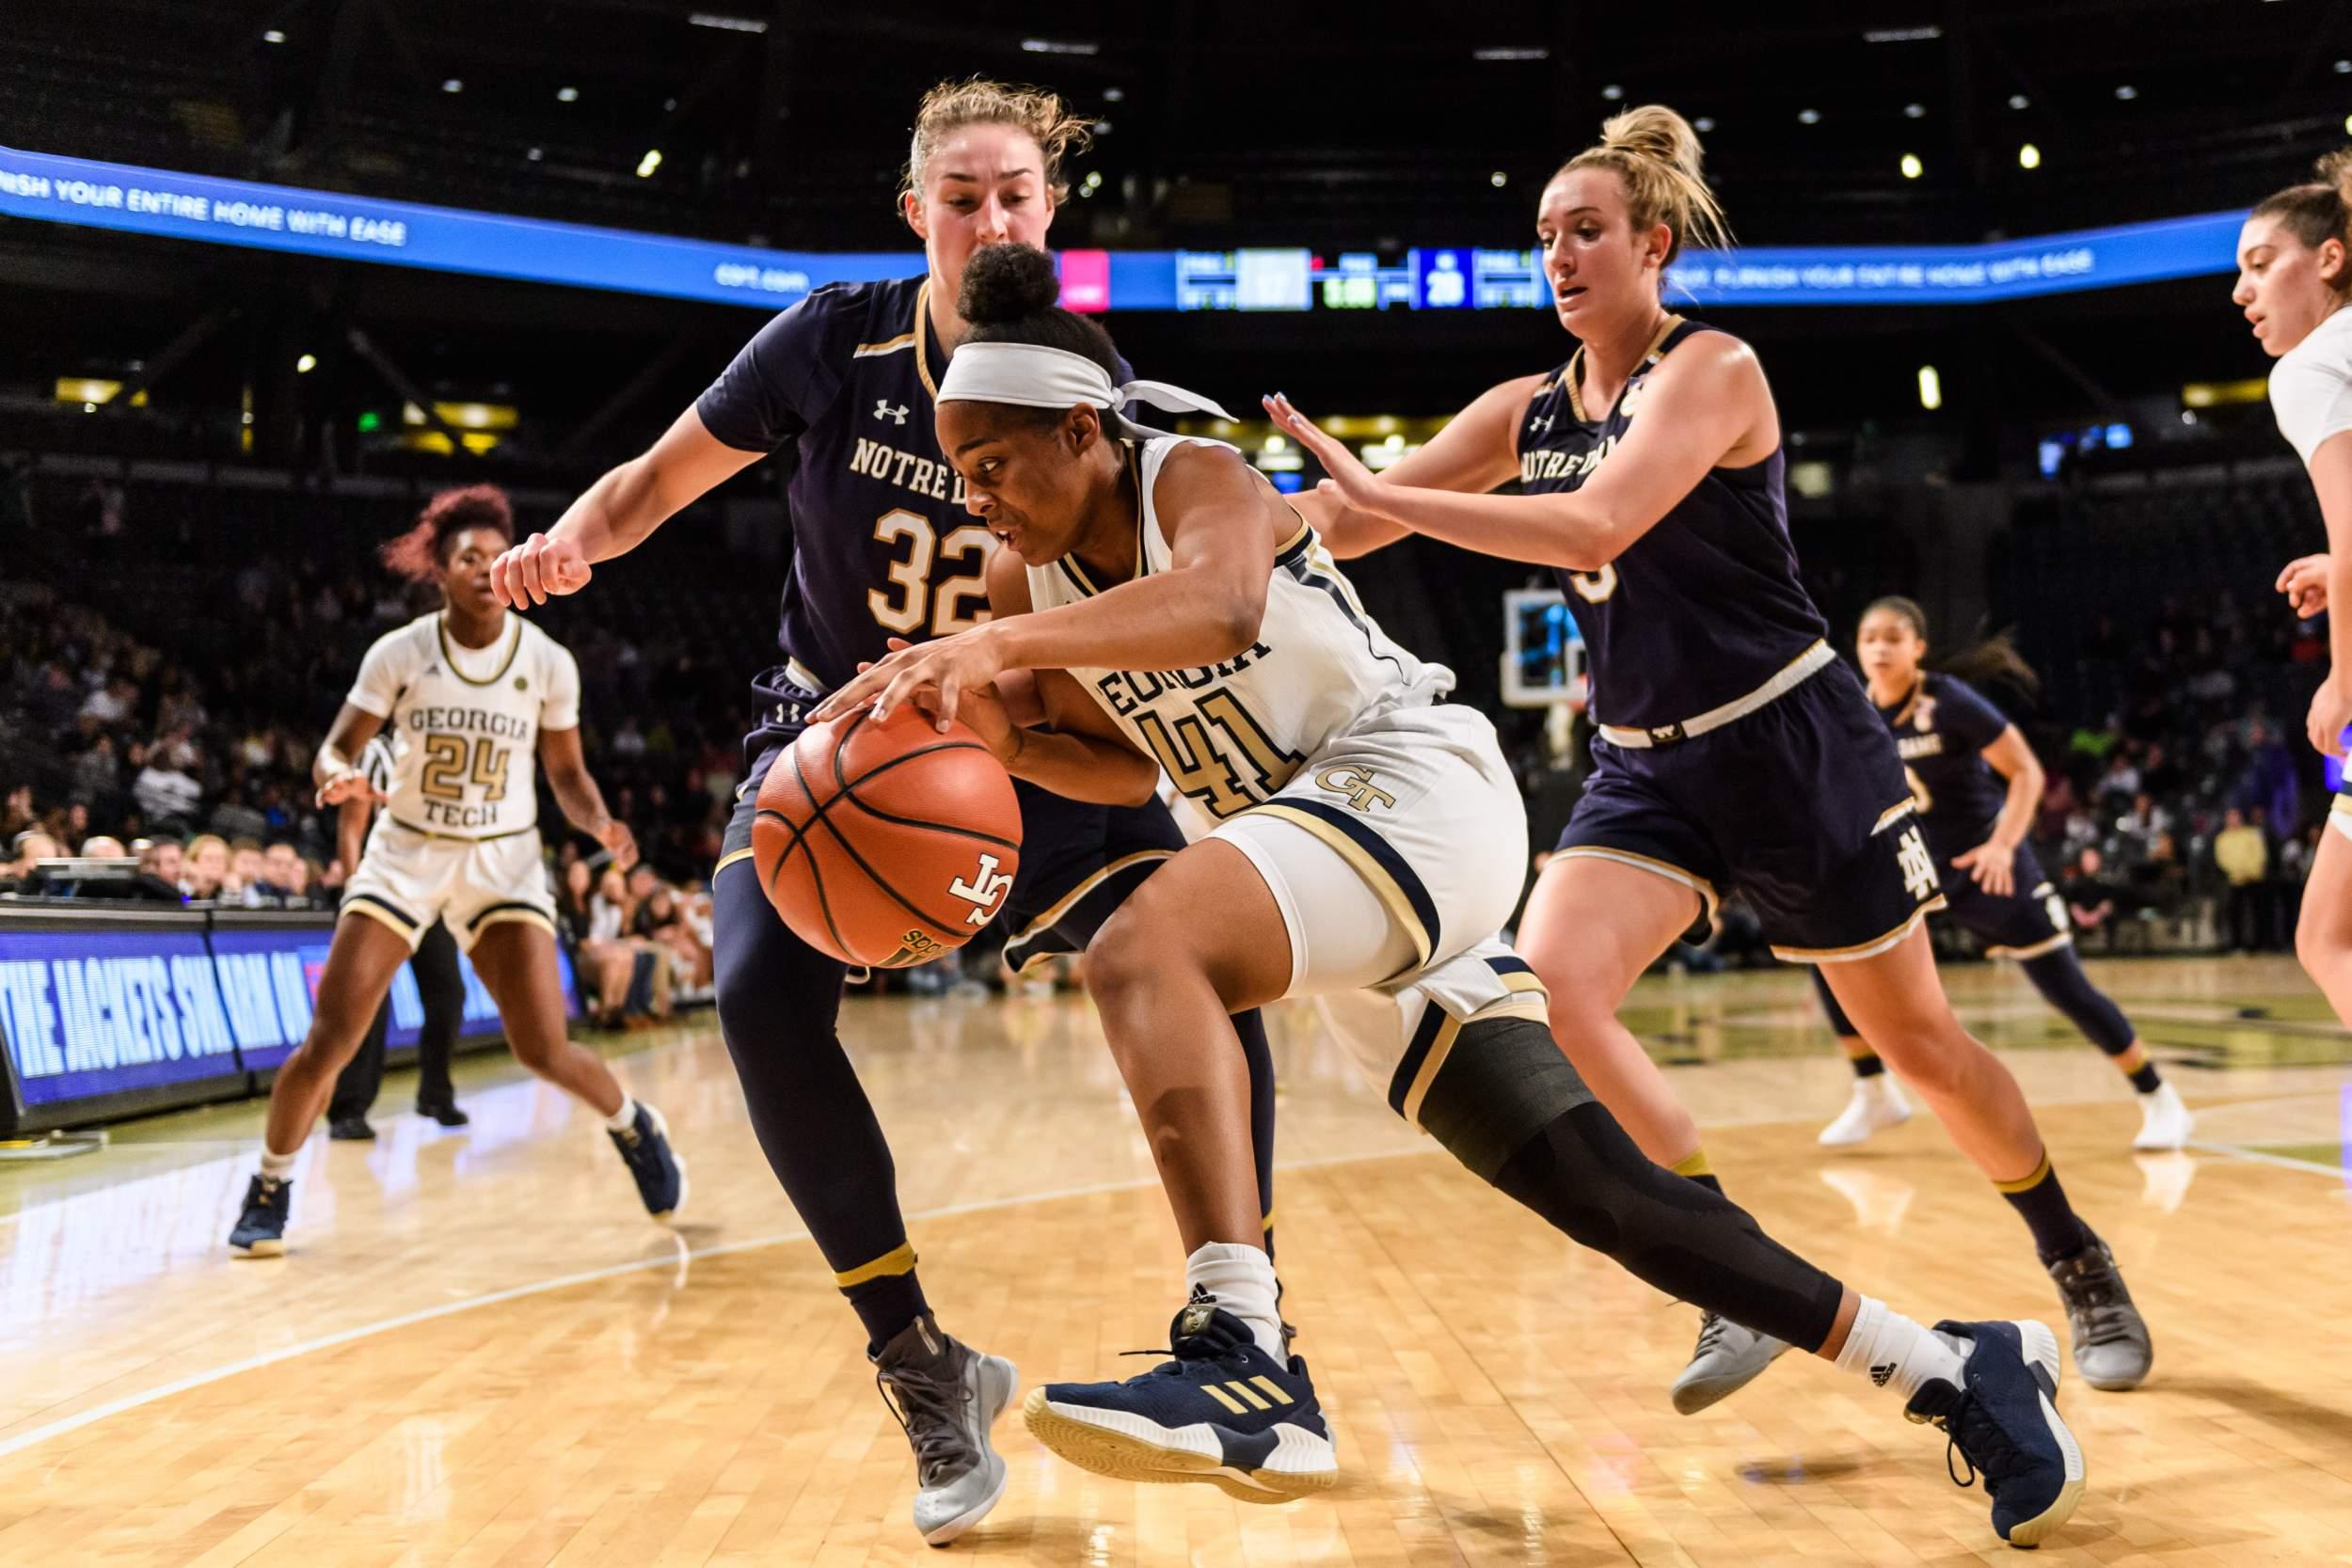 Tech Dame Basketball Photos: Women's Notre Georgia vs. –